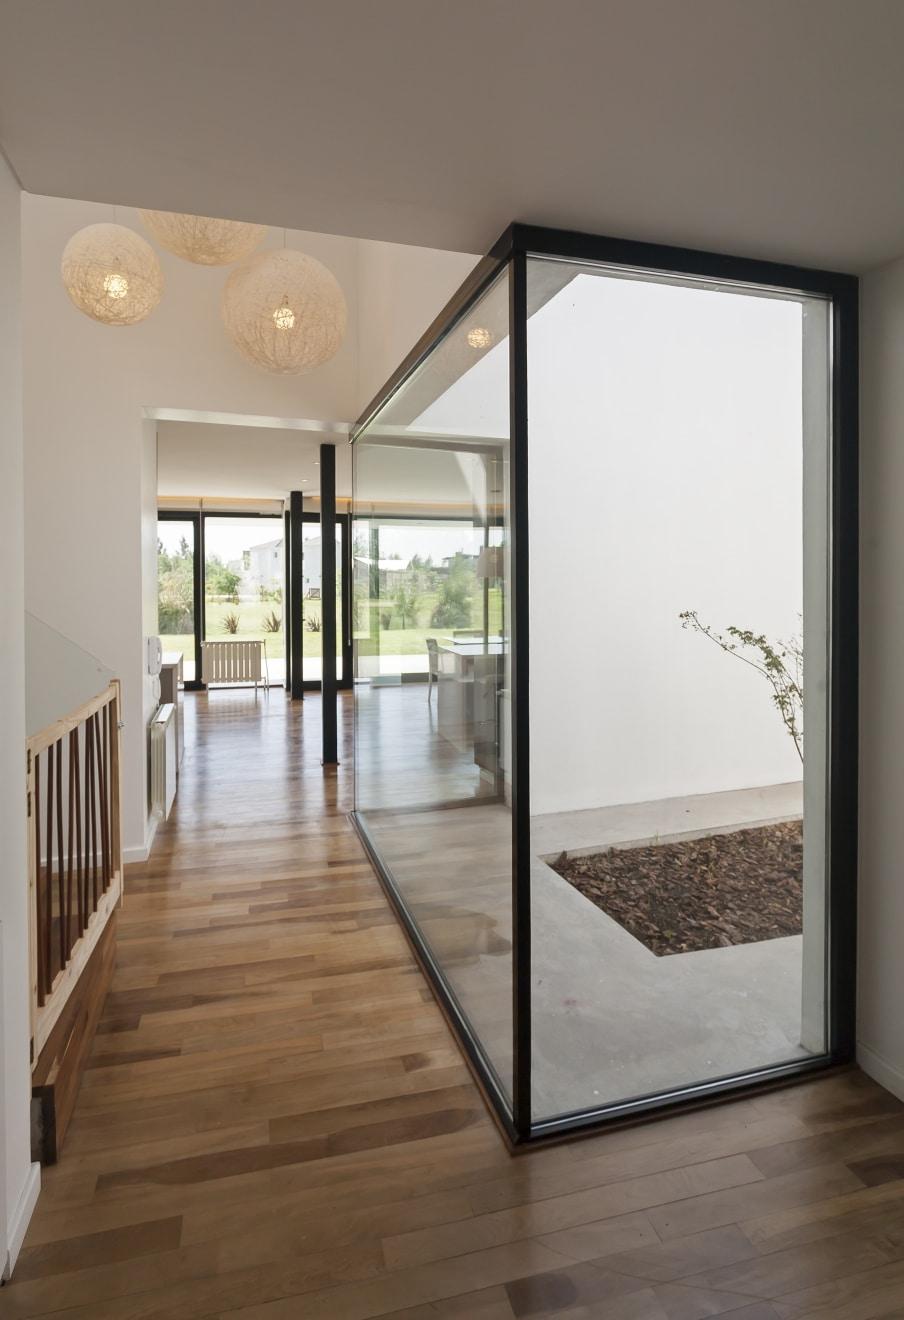 Planos de casa de dos pisos moderna Interiores de casas modernas 2015